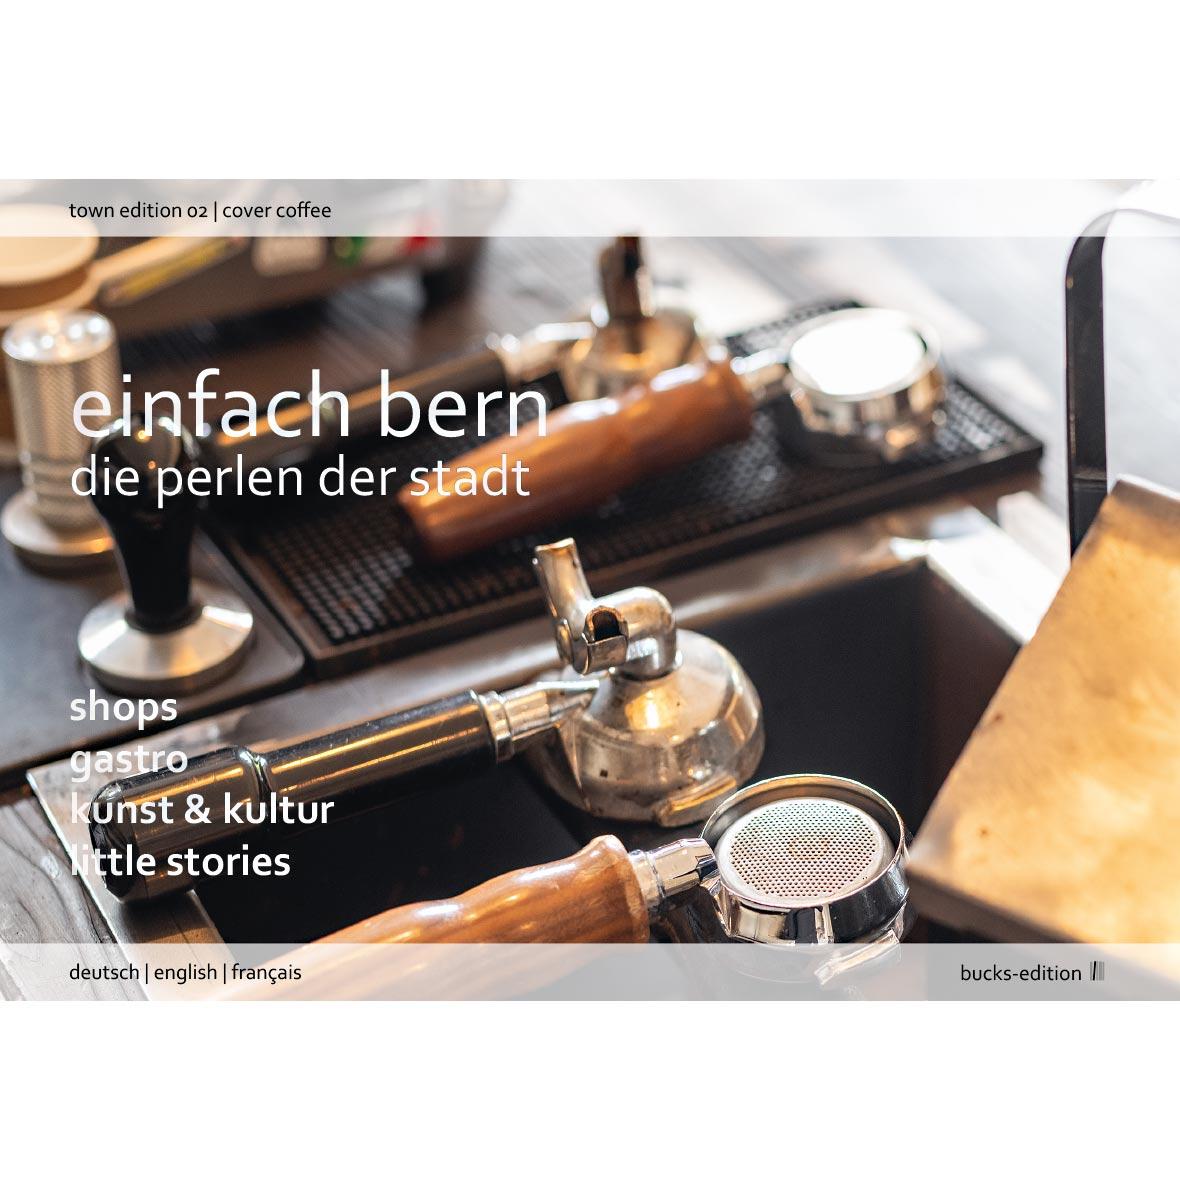 Stadtbuch - Einfach Bern Edition 2 – Die Perlen der Stadt